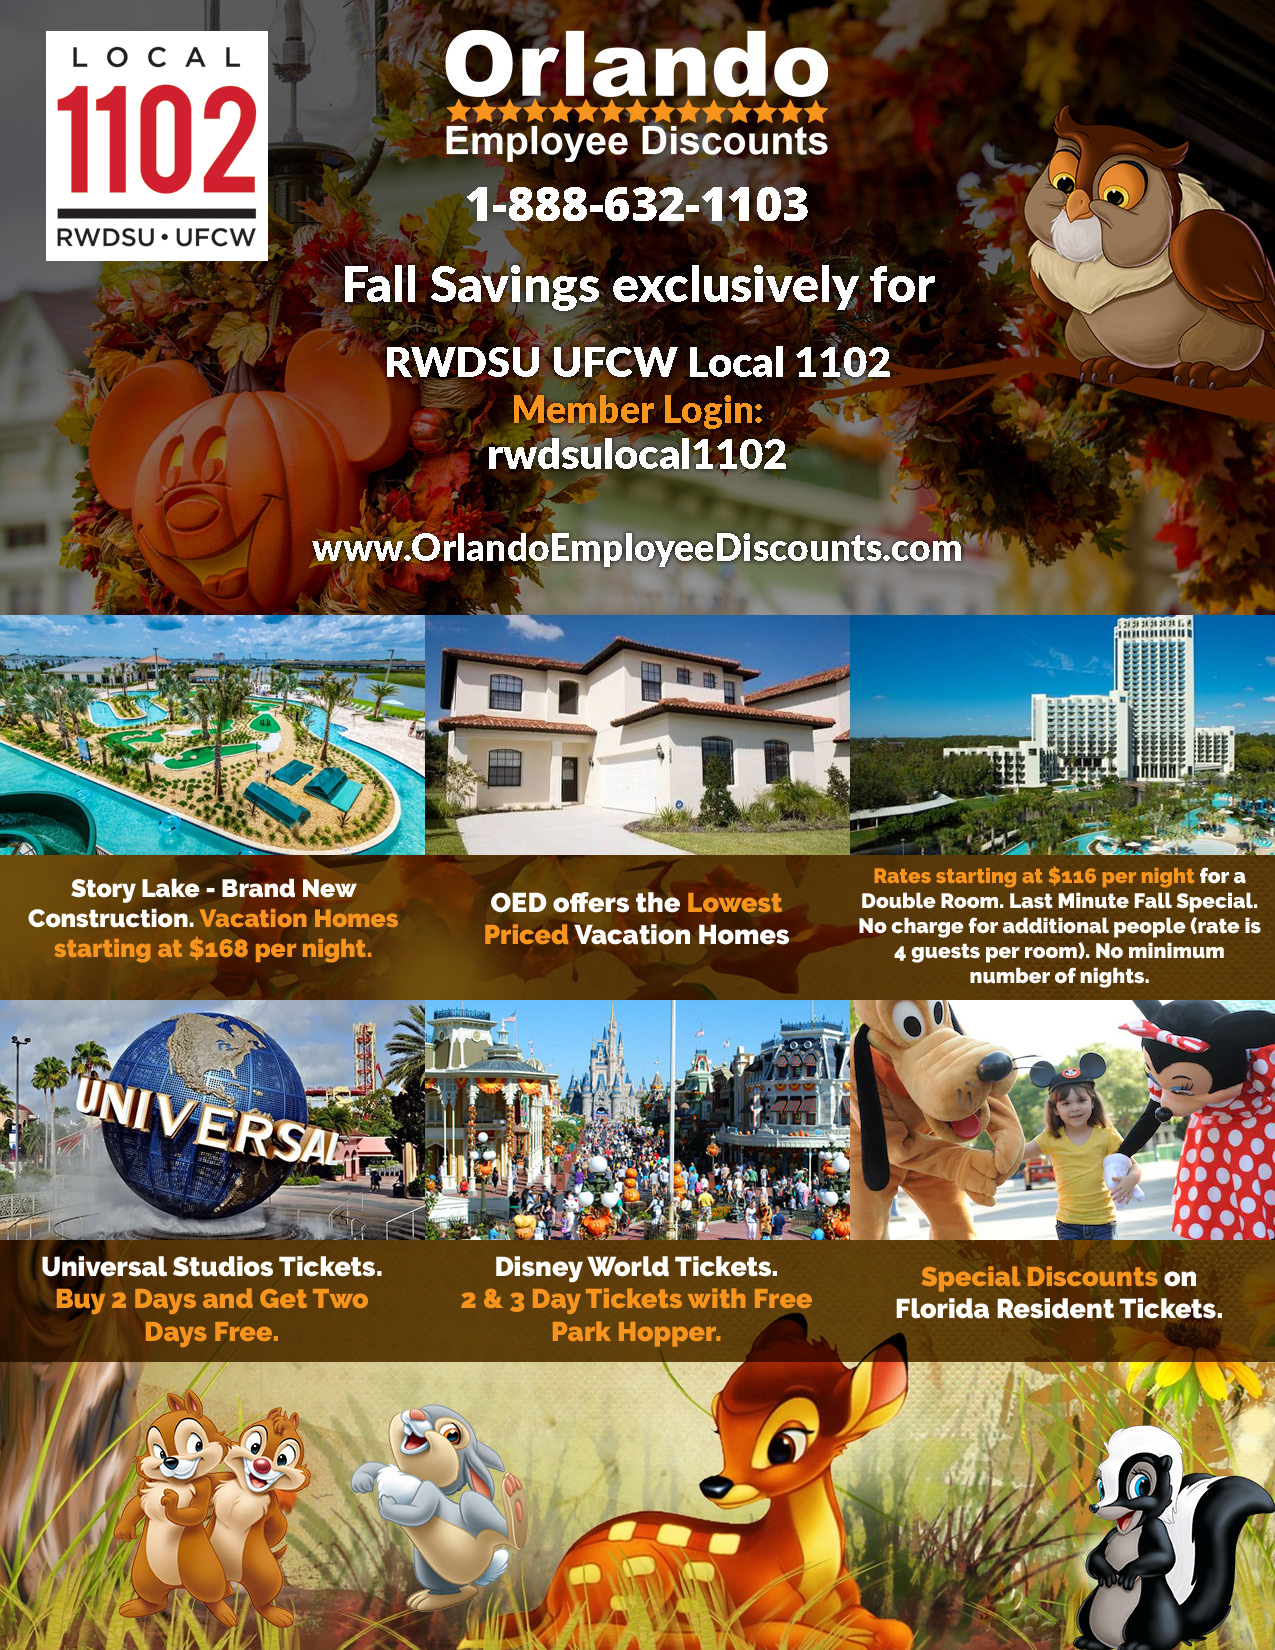 Orlando_EE_discounts.jpg